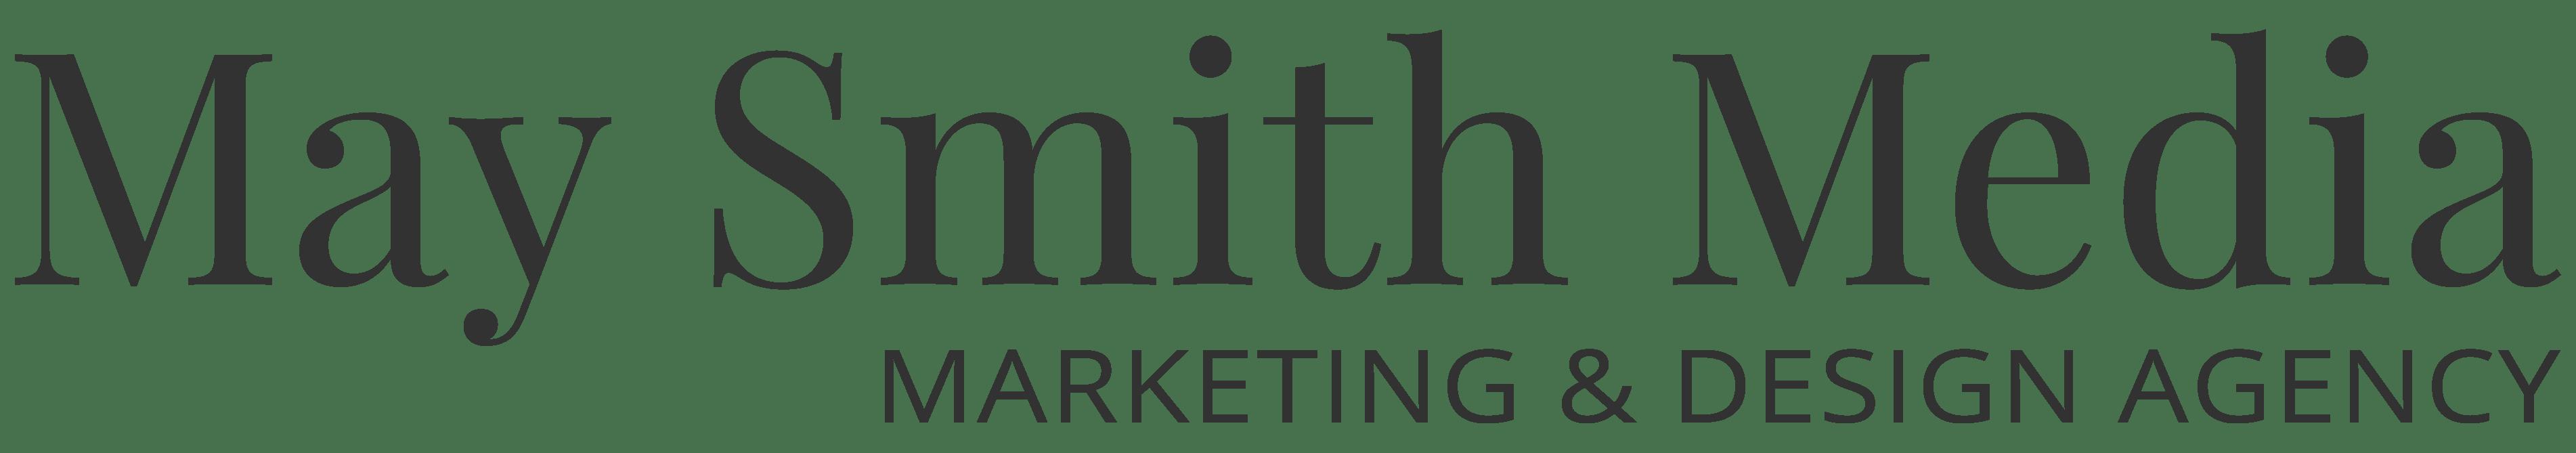 May Smith Media